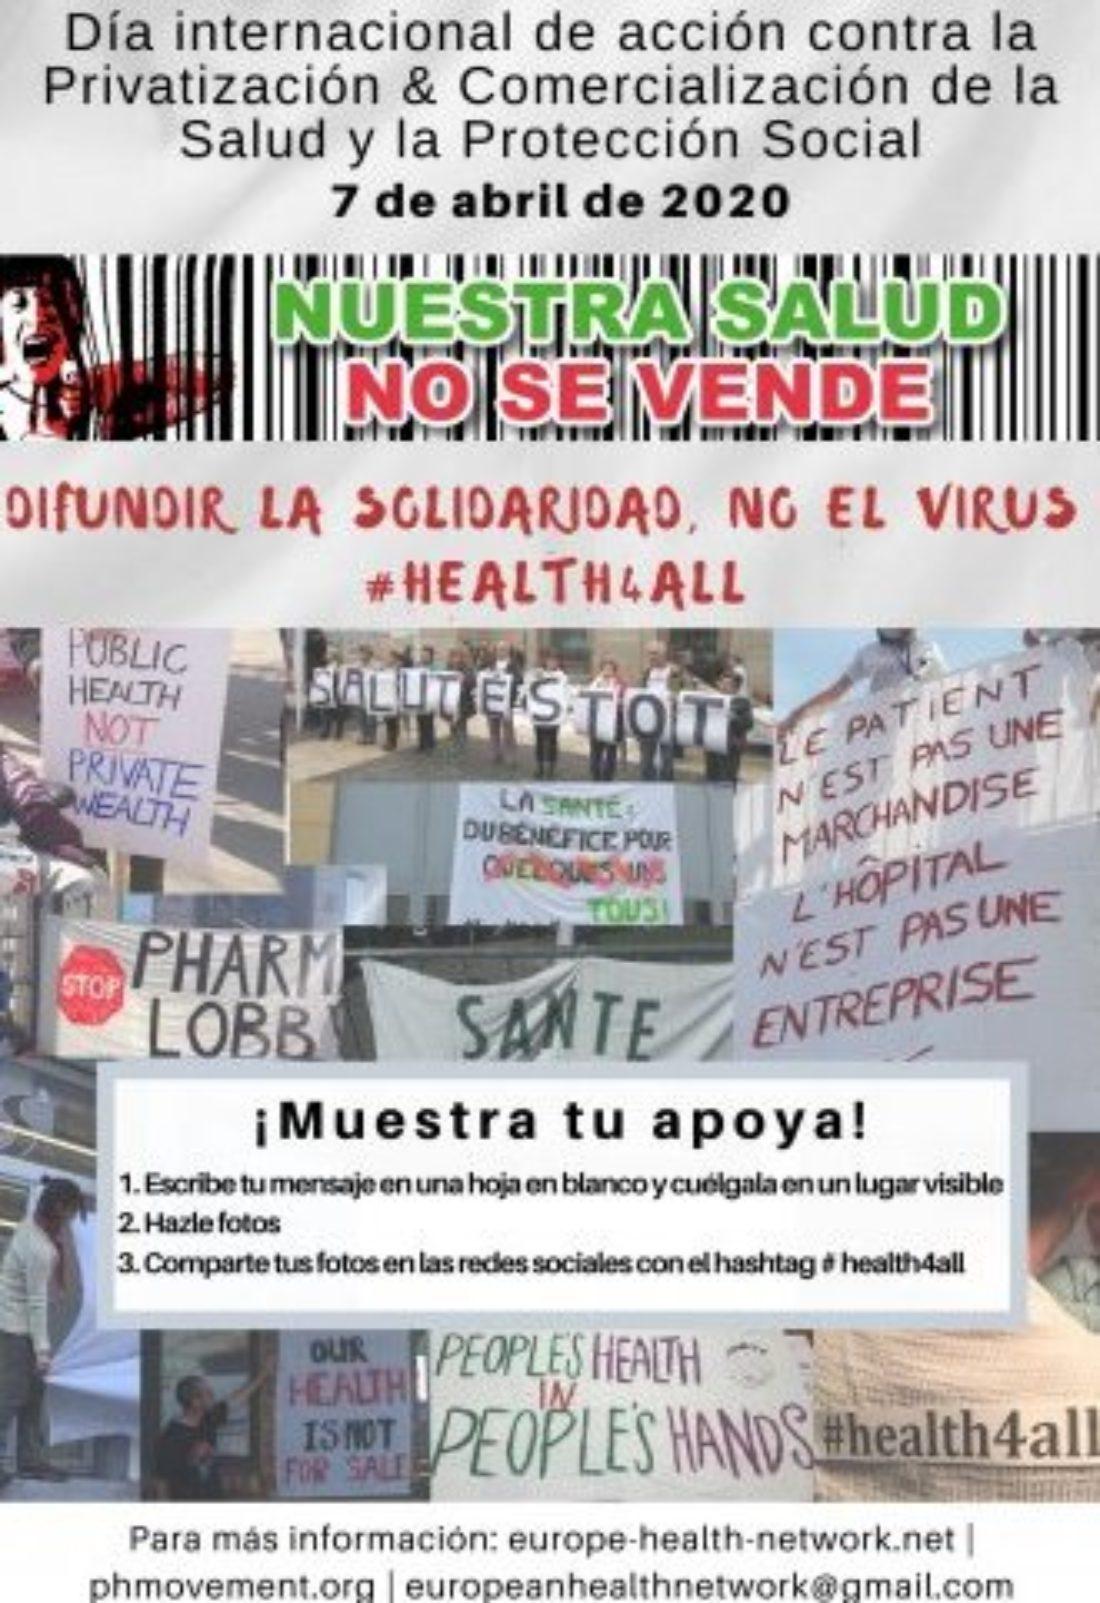 Invertir en salud para todos y todas «Difundir la solidaridad, no el virus»